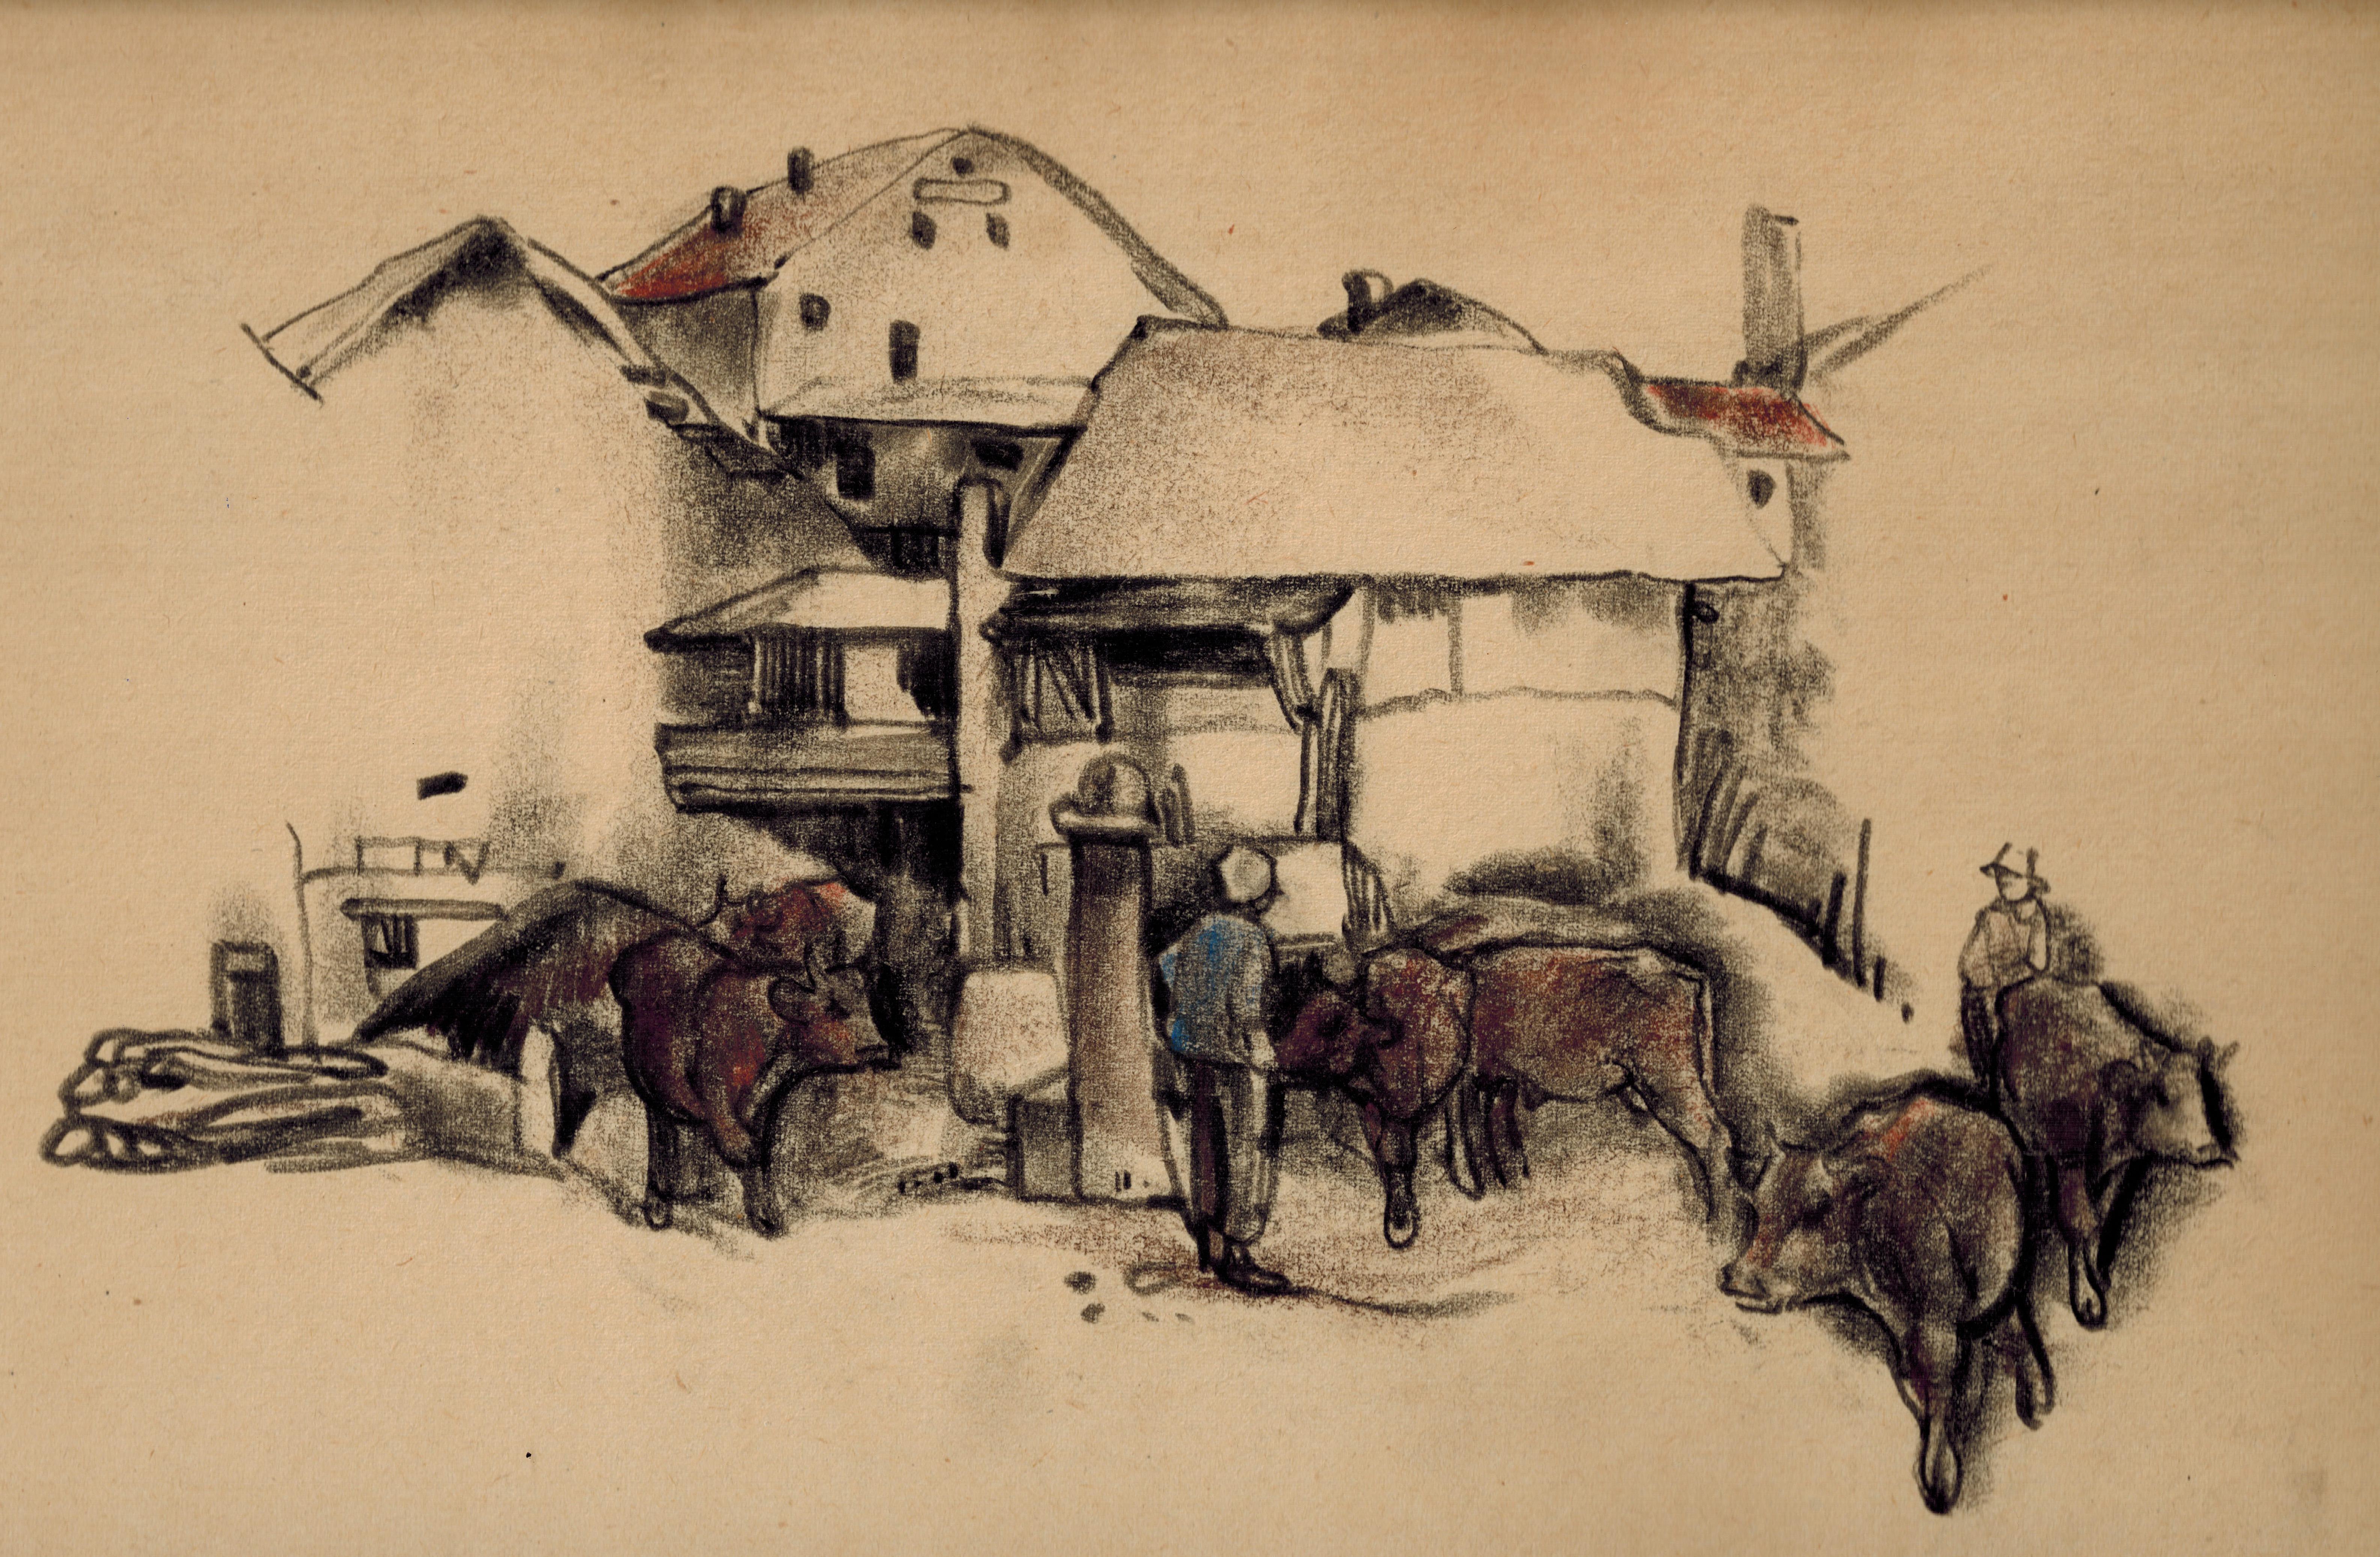 Scharanz Zwitserland Boeren brengen hun koeien naar de Alm- Willem van den Berg